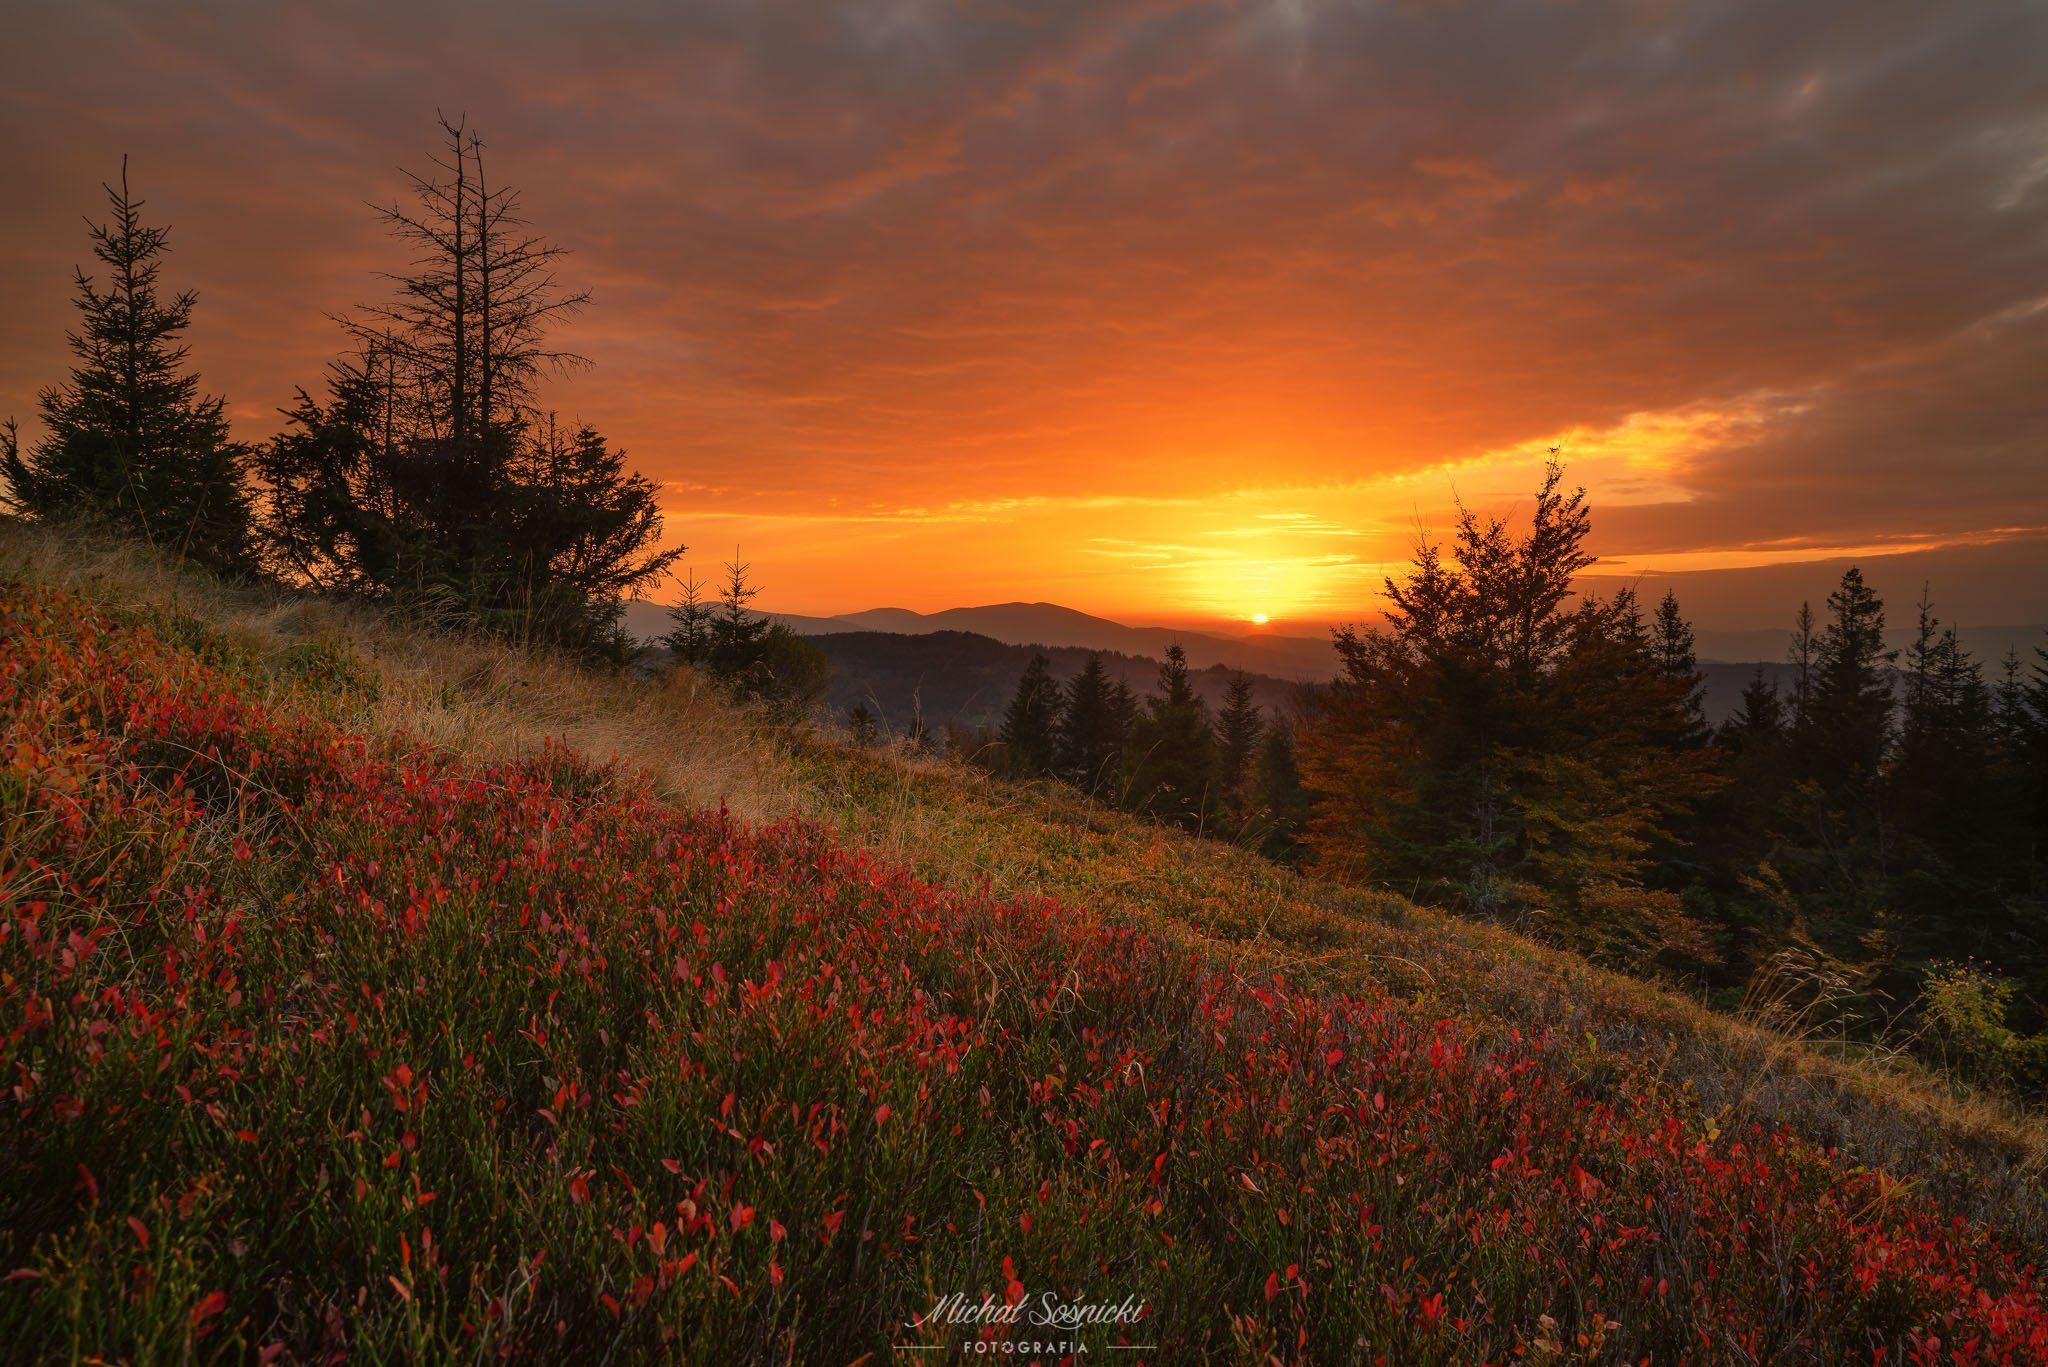 #autumn #nature #landscape #color #sunset #sunrise #pentax #benro, Sośnicki Michał